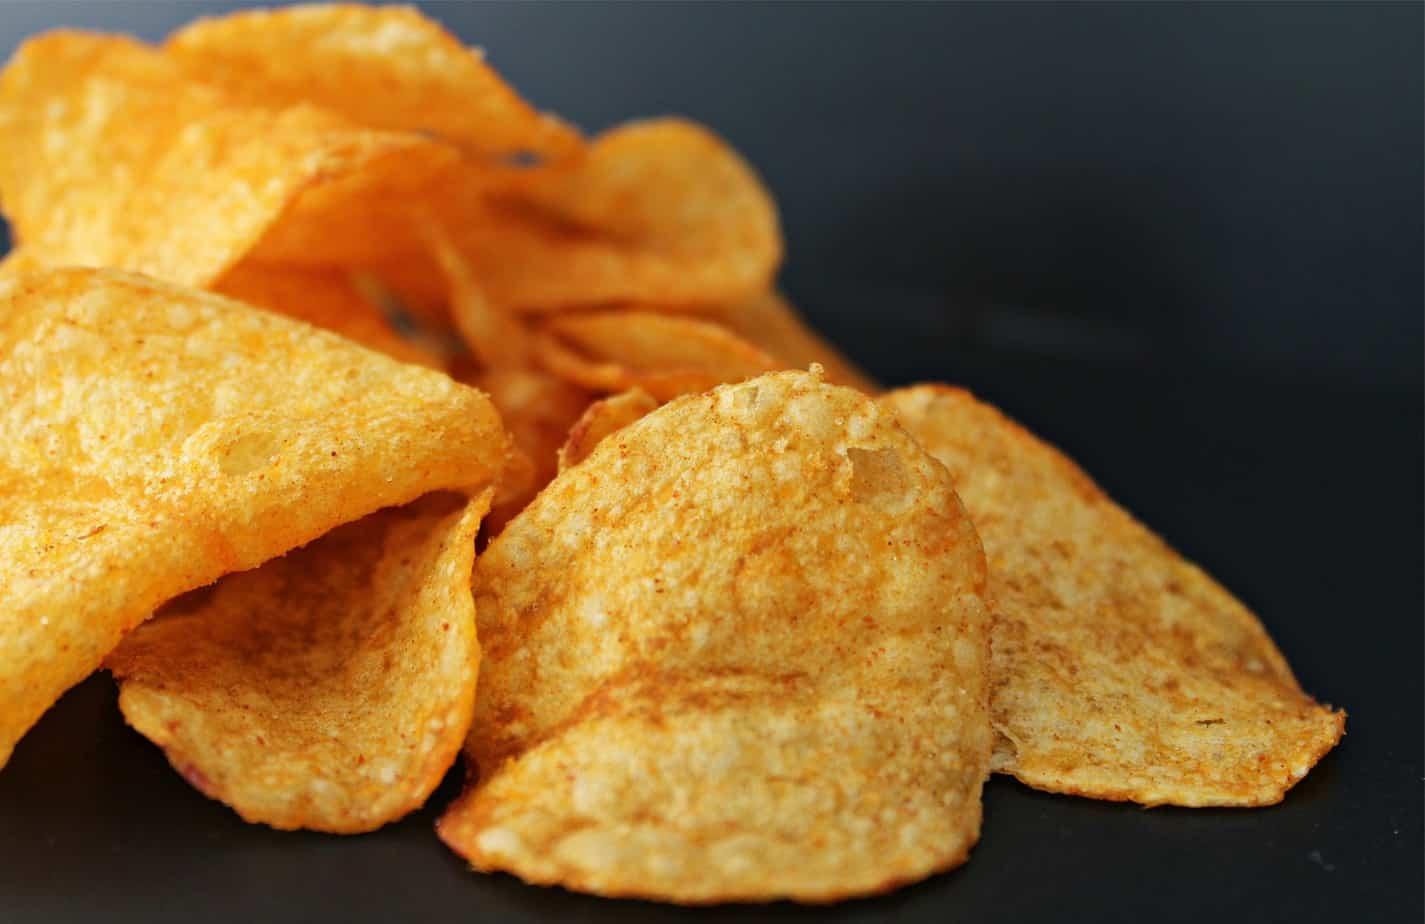 potato-chips-448737_1920